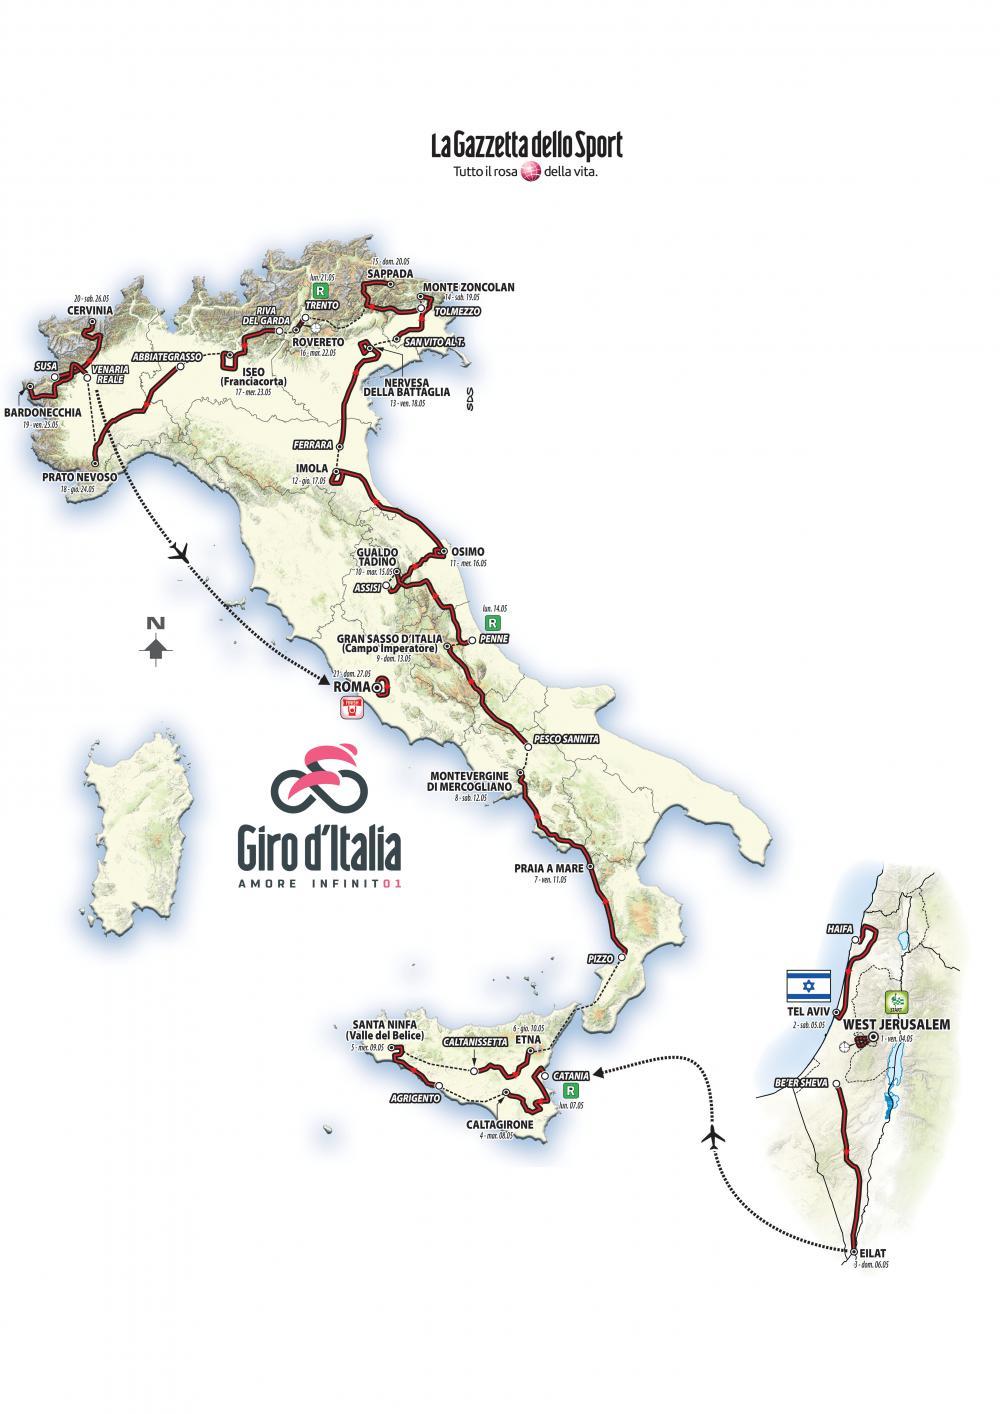 Presentata la 101esima edizione del Giro d'Italia, al via domenica 4 maggio 2018 da Gerusalemme. Il percorso.